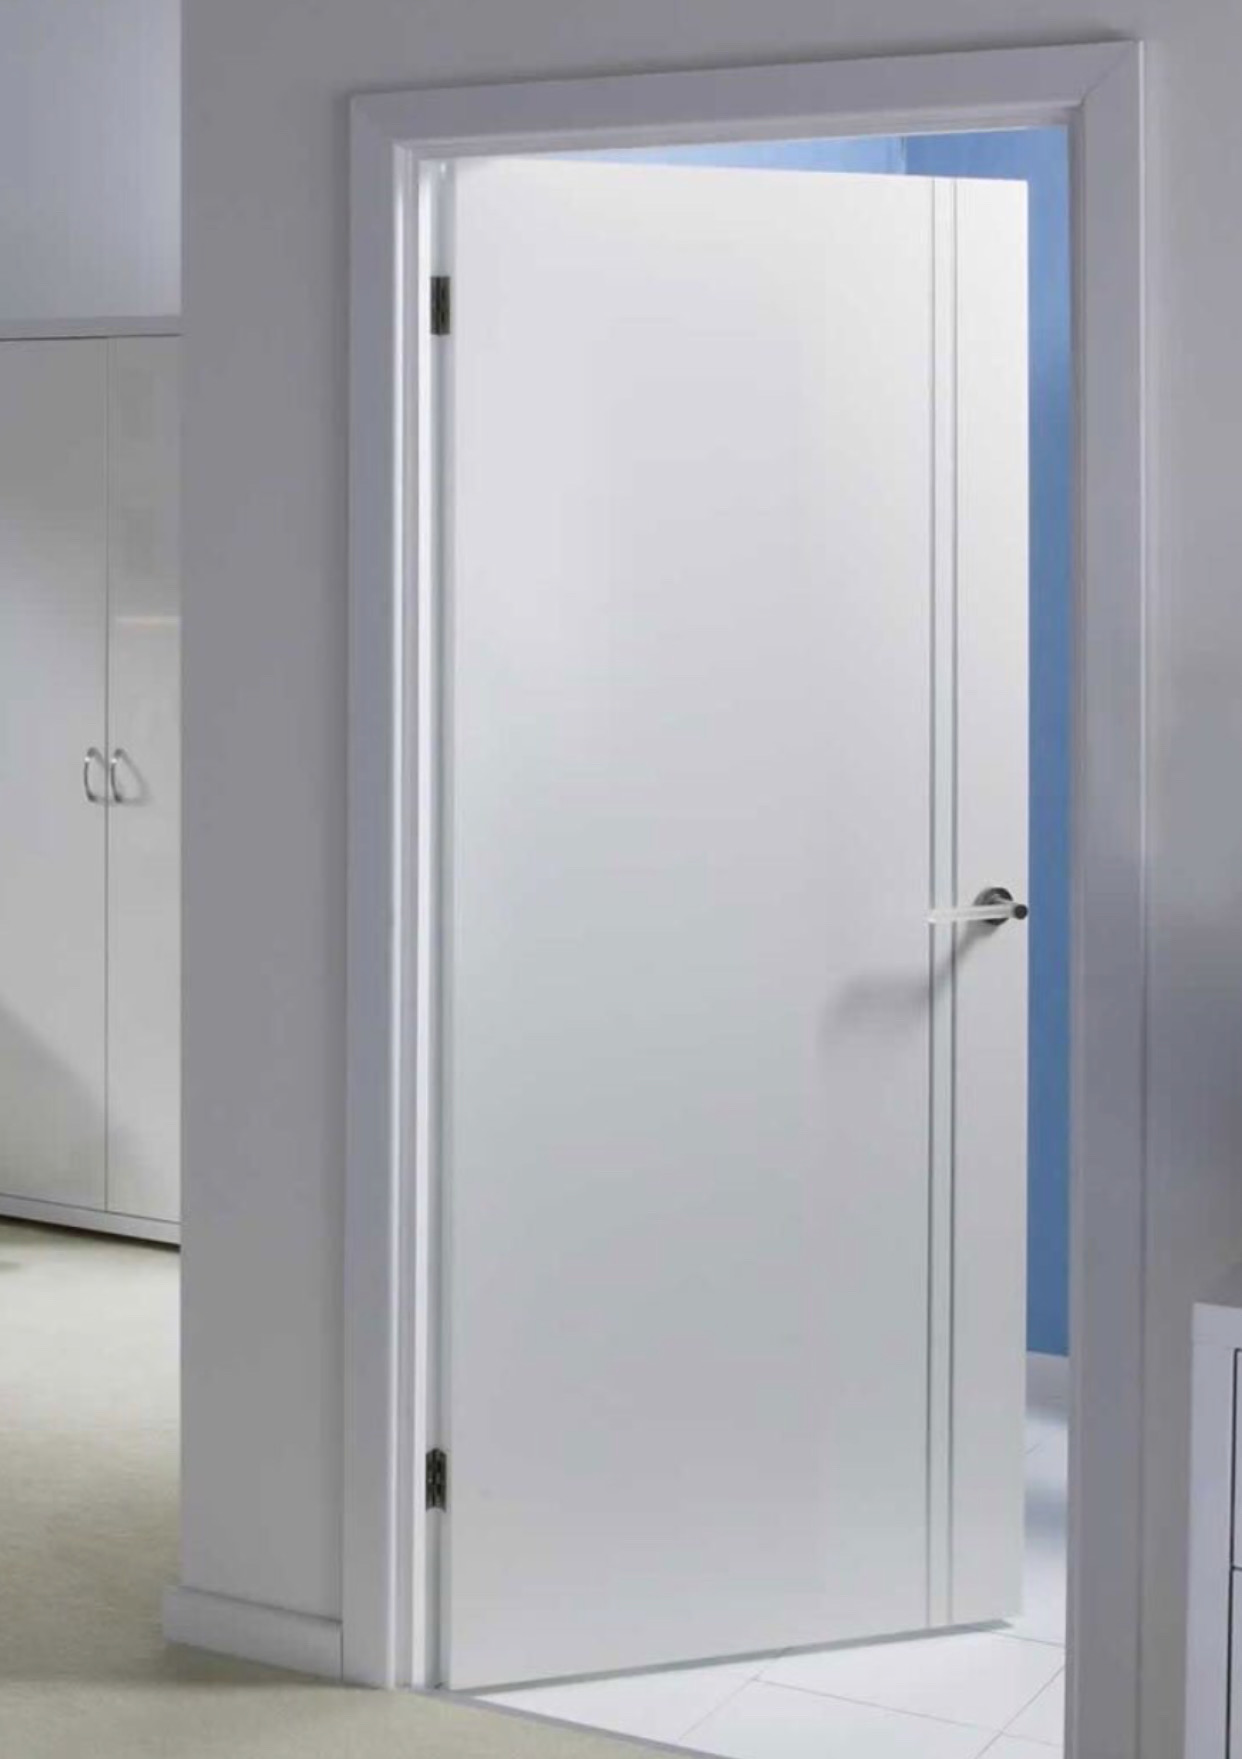 Puertas de paso blancas puertas castalla greco with - Puertas paso blancas ...